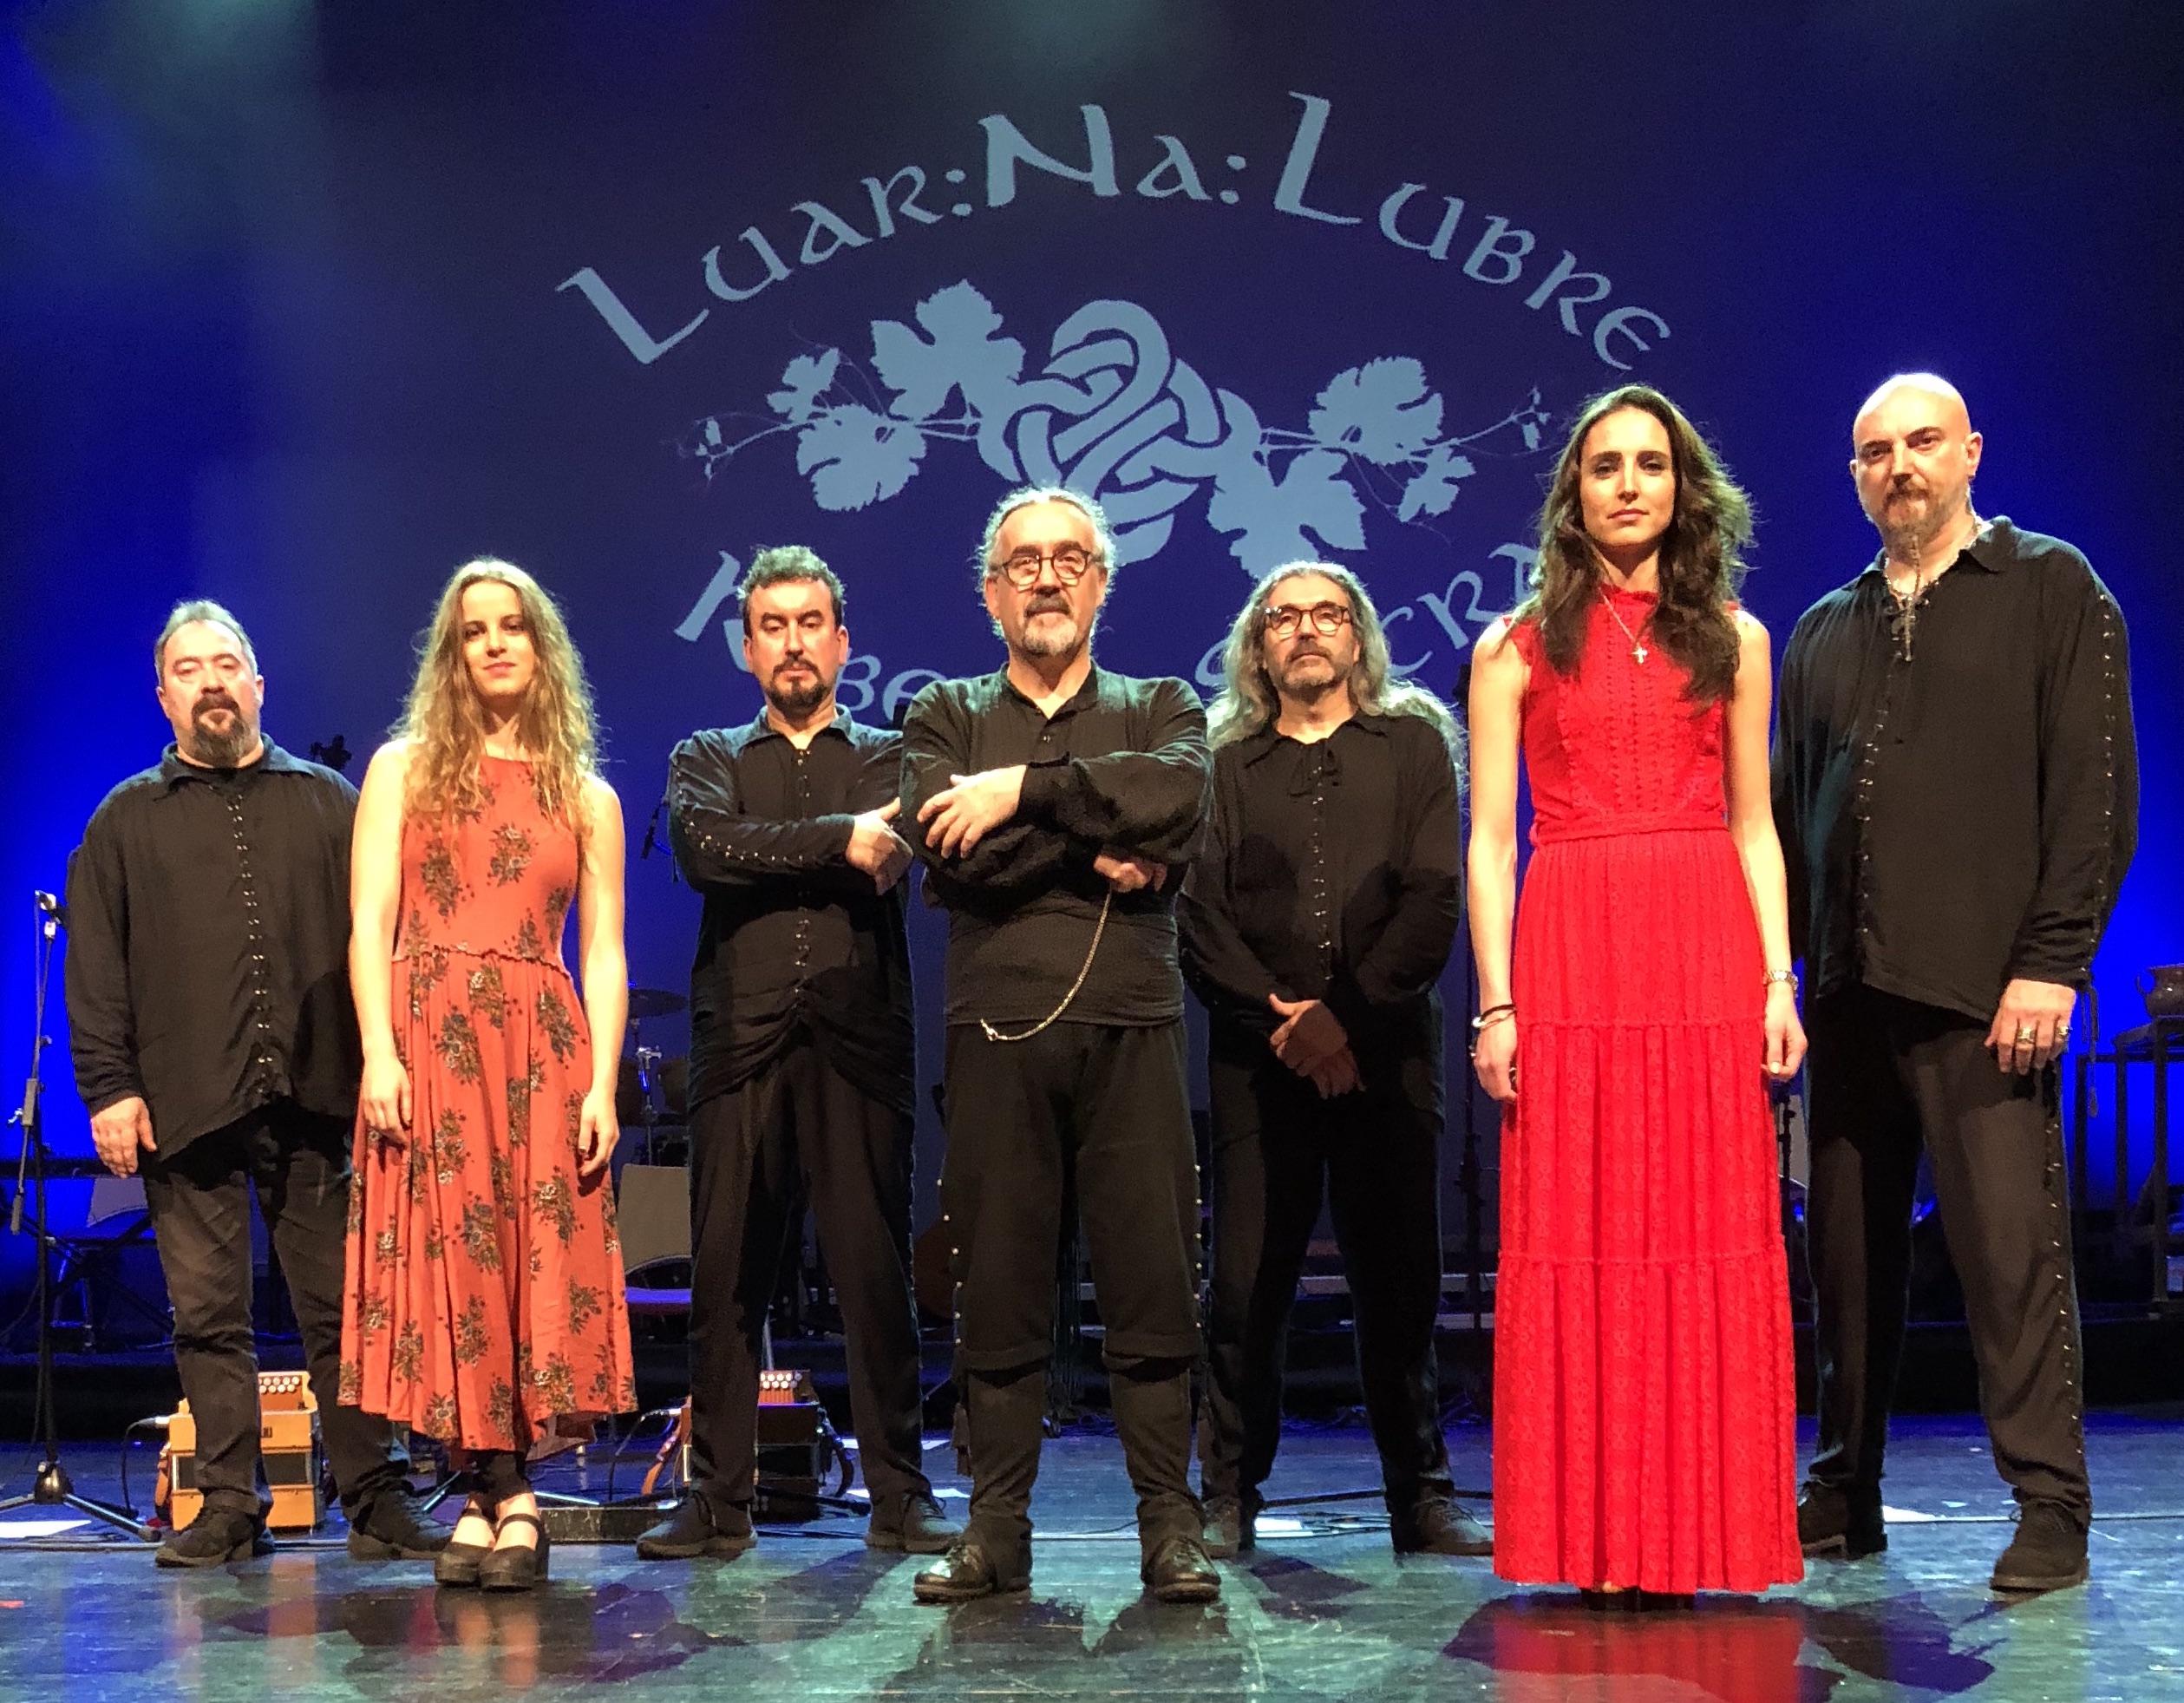 Luar Na Lubre, la banda de referencia del folk gallego, participa en el cartel de artistas del Festival 'BIO RITMOS' 2019 en Costa Teguise